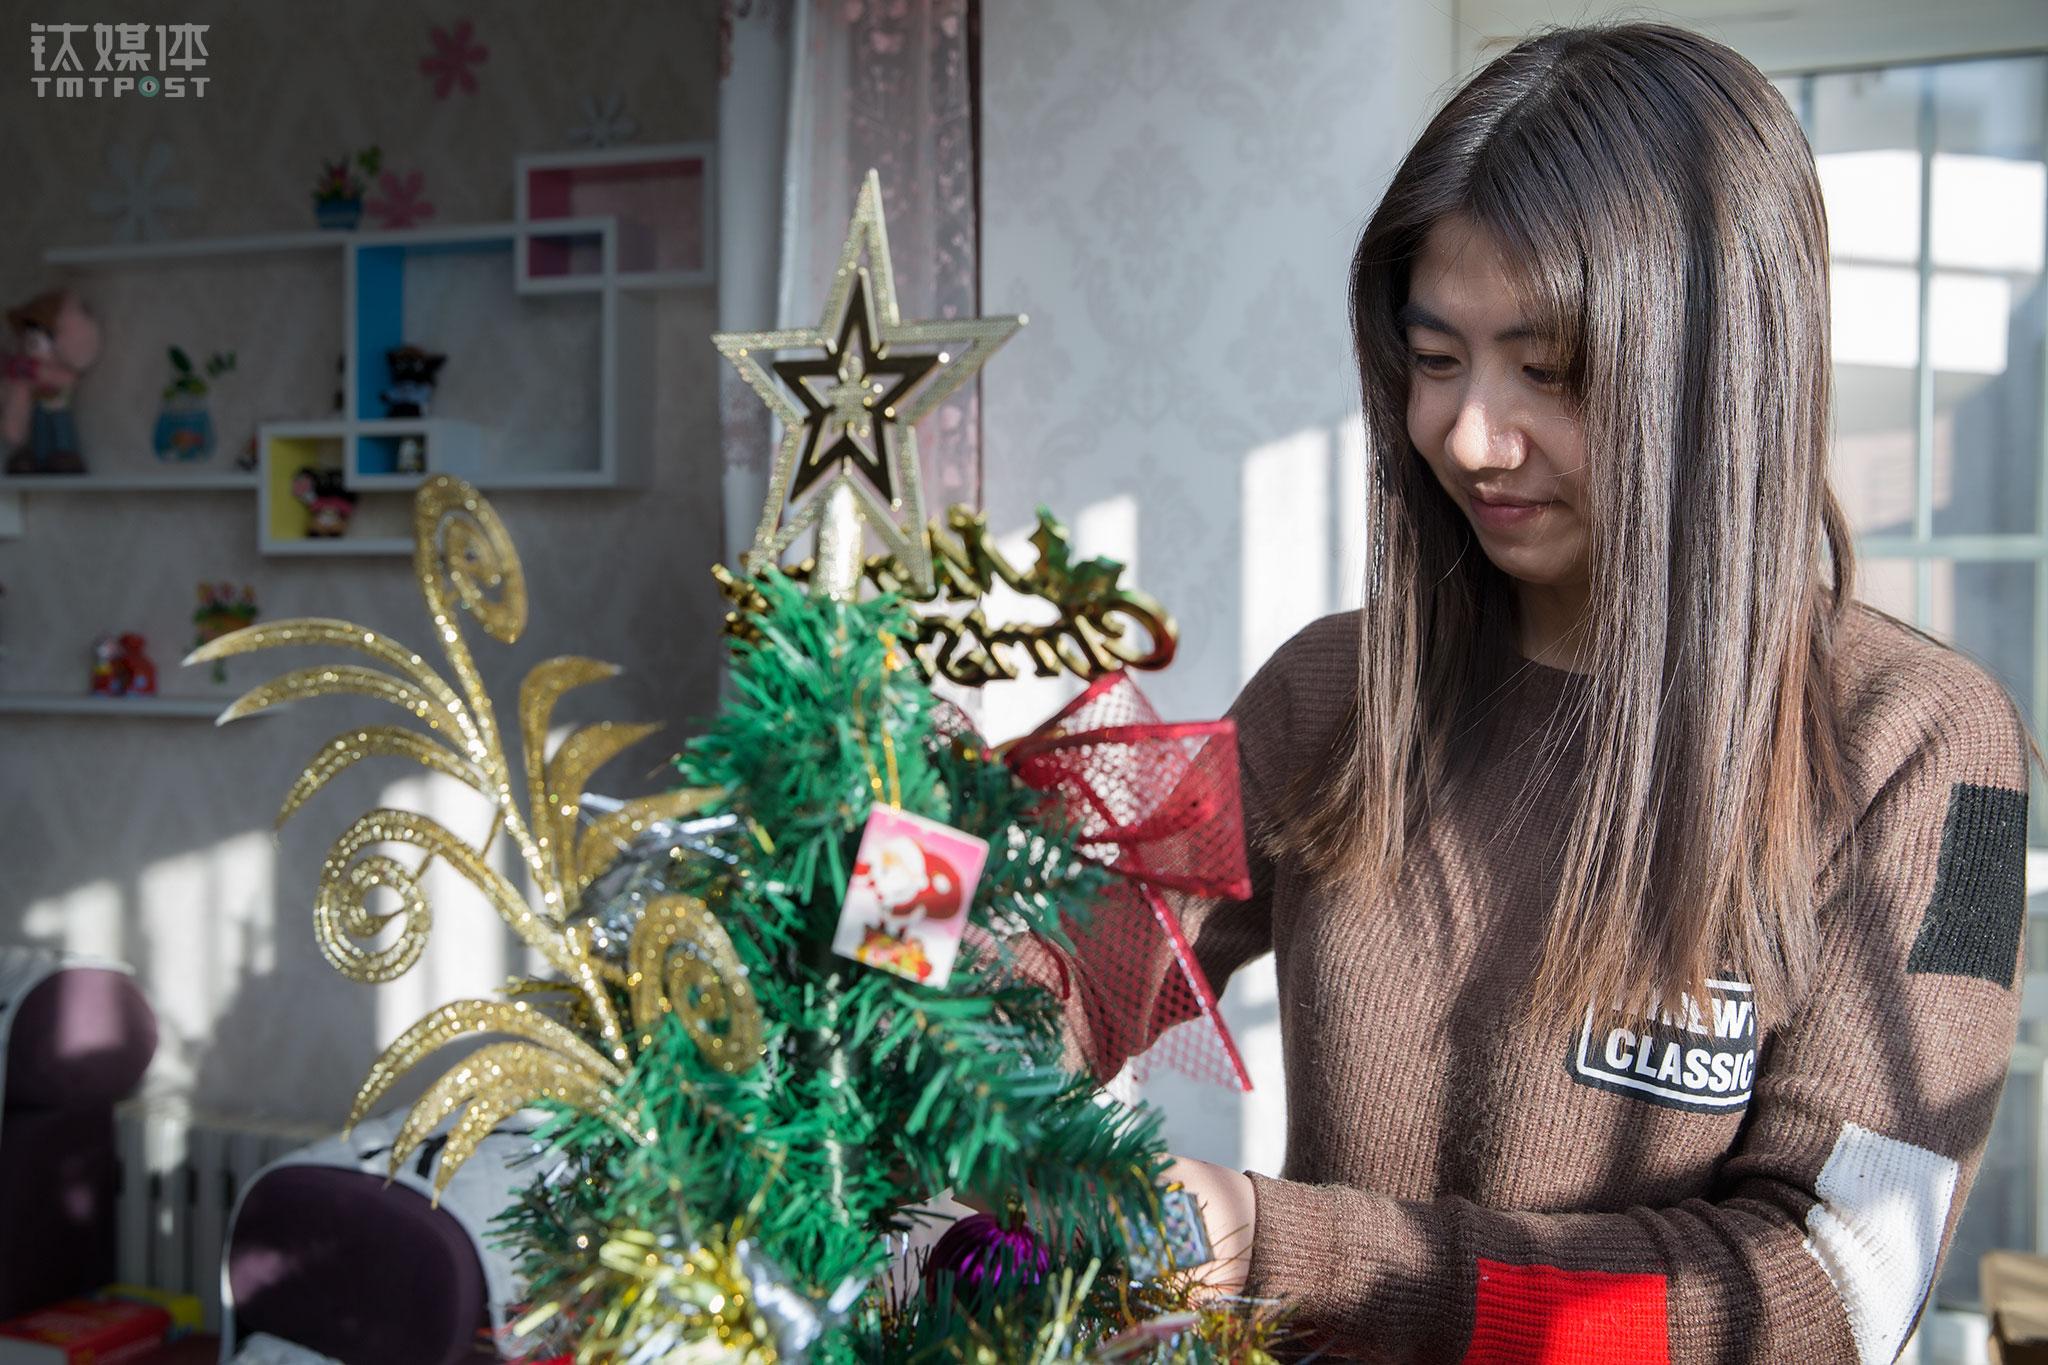 """2017年圣诞节,任倩乐在北京的家里装饰圣诞树。在北京买房安家是她对自己和家人最大的安慰,房子虽然隔市区有点距离,但给了她很大的温暖。""""我可以放肆地买东西来装饰自己家,满足自己,再也不用担心搬家啦!""""每年圣诞节,任倩乐都想给自己买一棵圣诞树,这个愿望在2017年实现了。"""